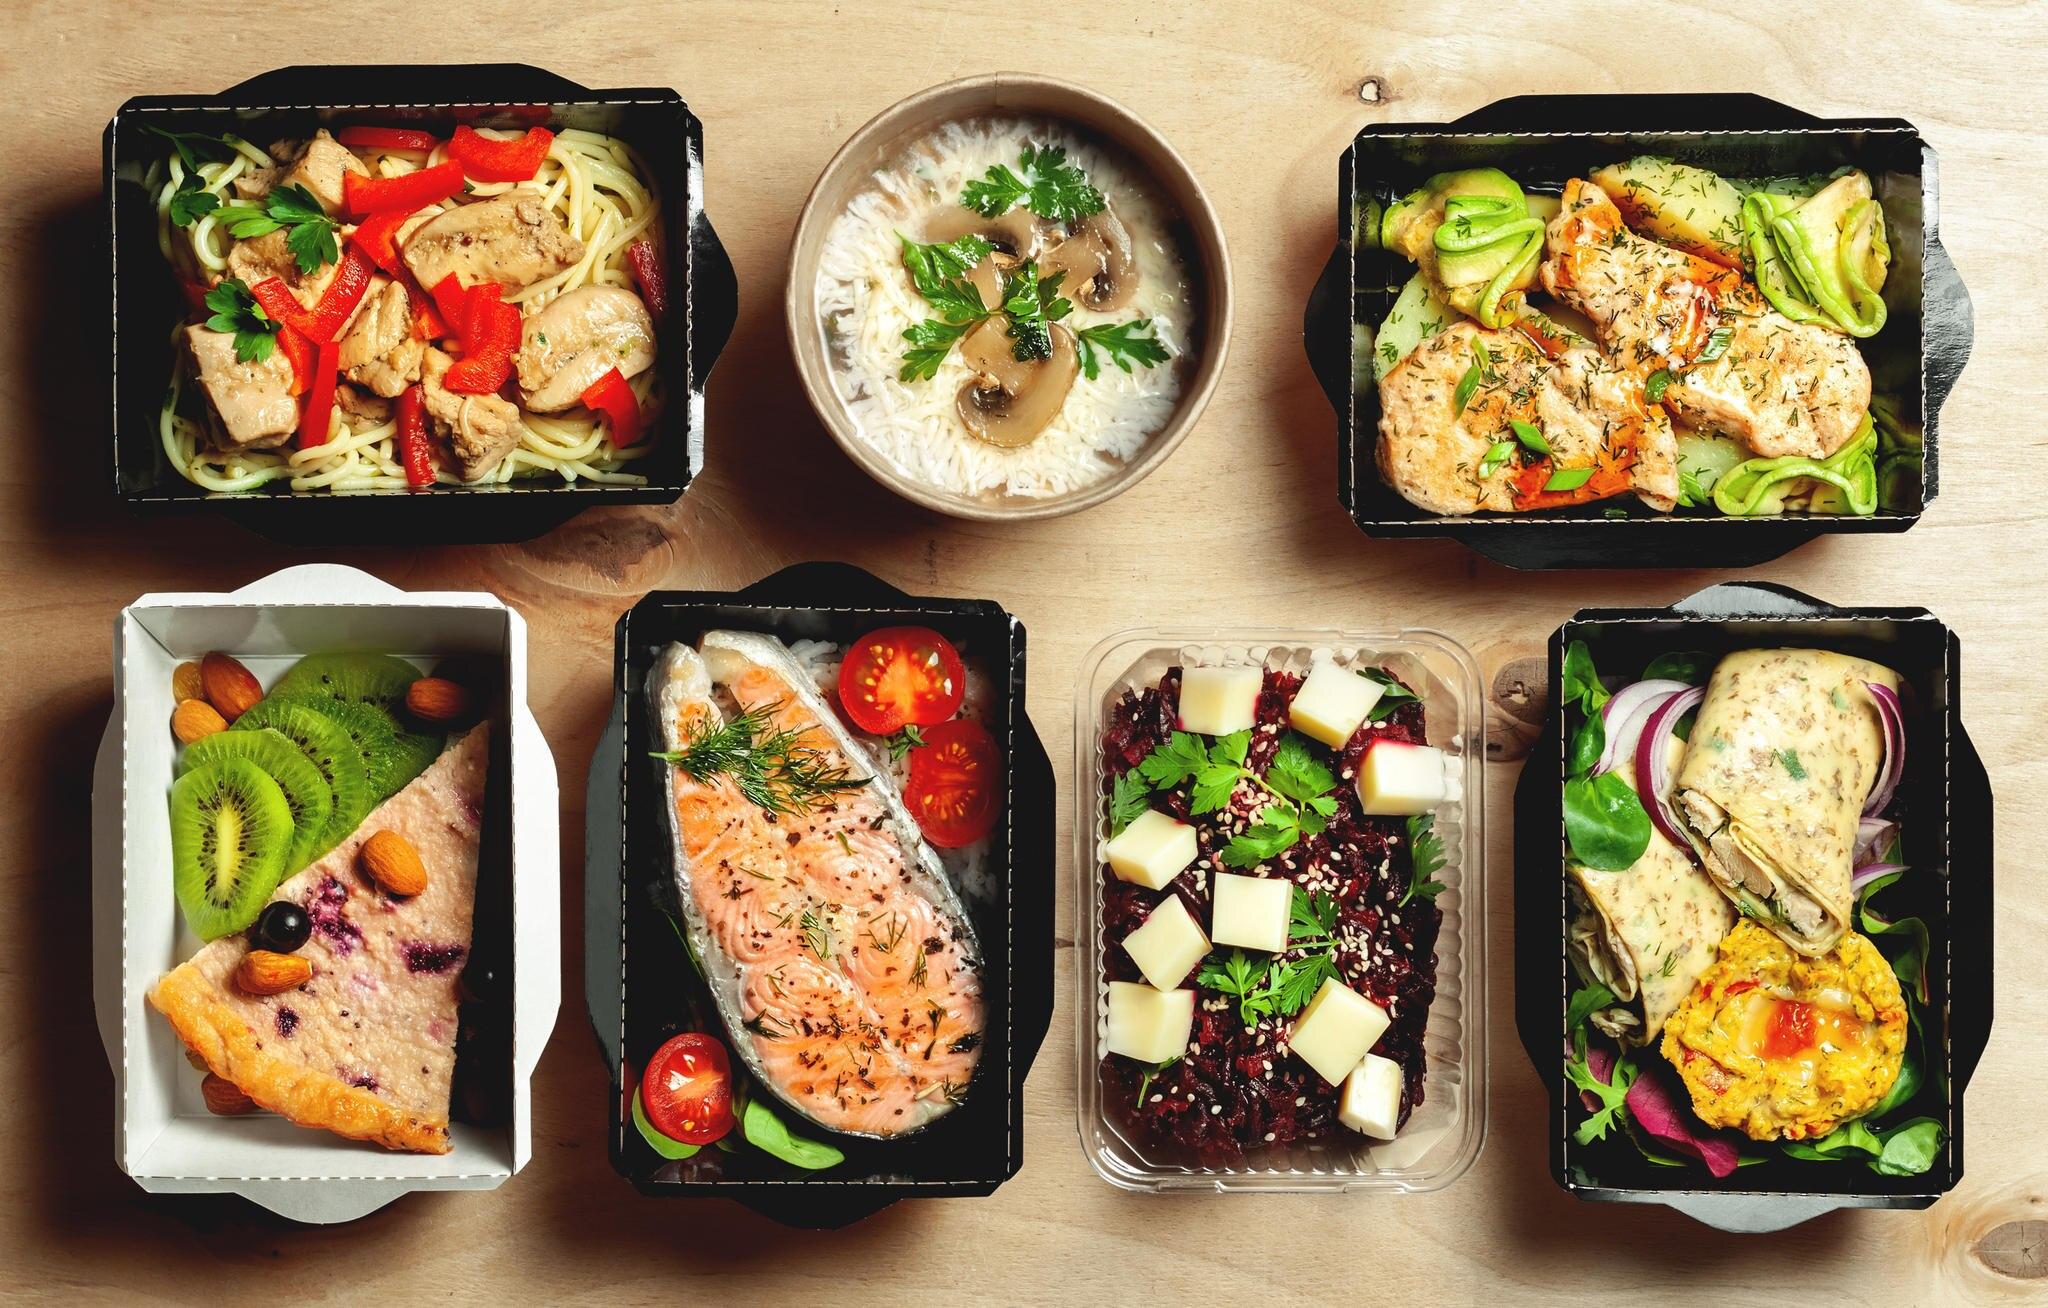 Wieviele Mahlzeiten pro Tag sollte man beim Abnehmen zu sich nehmen?